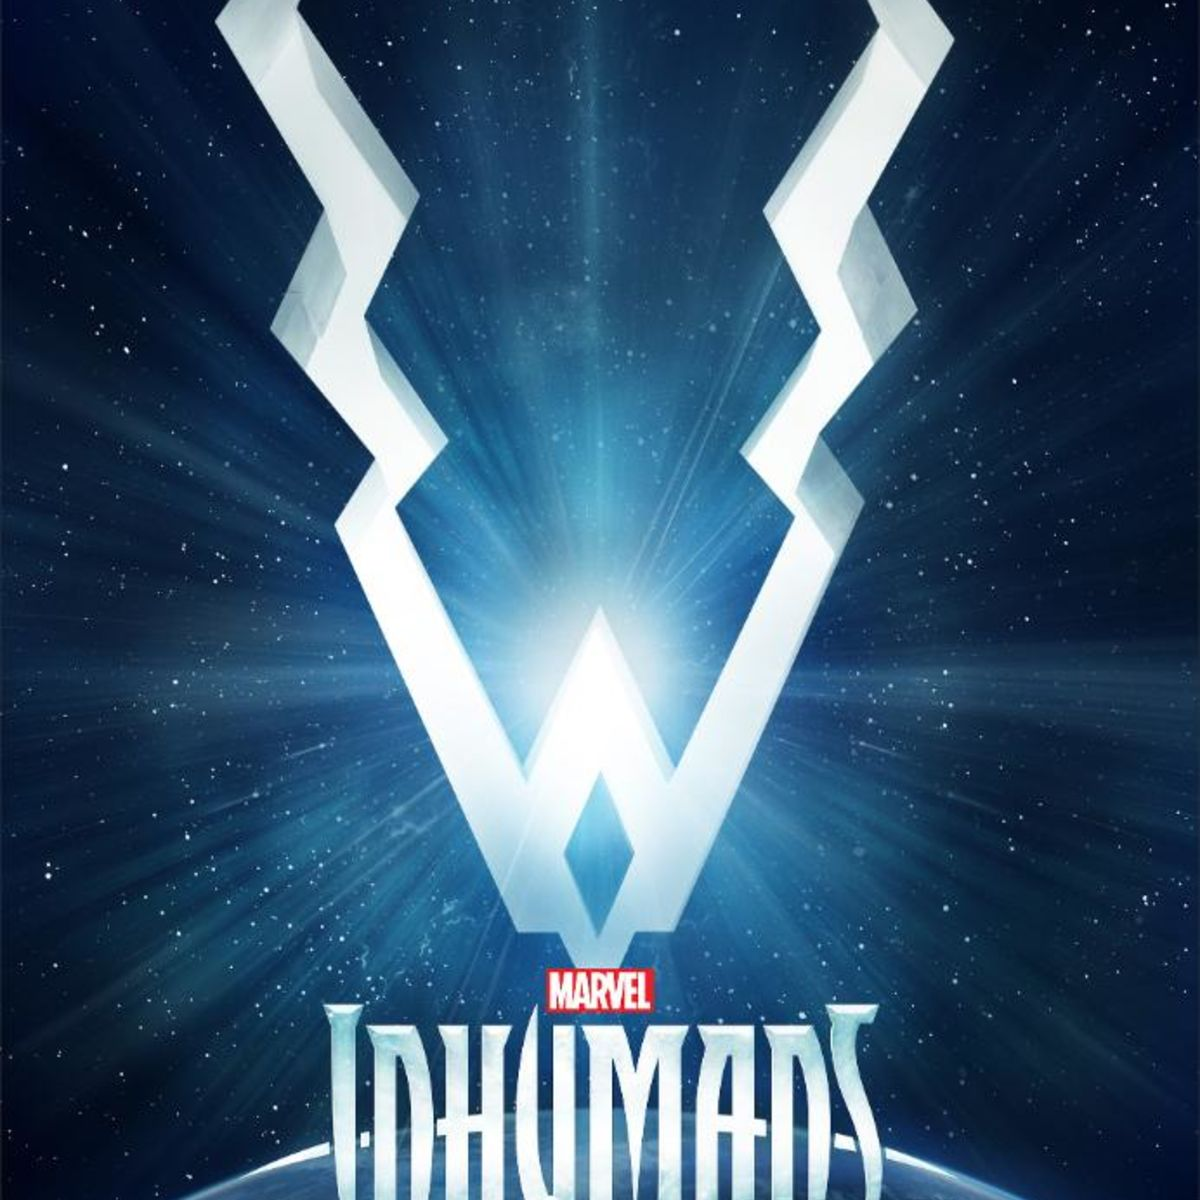 Inhumans-poster.jpg